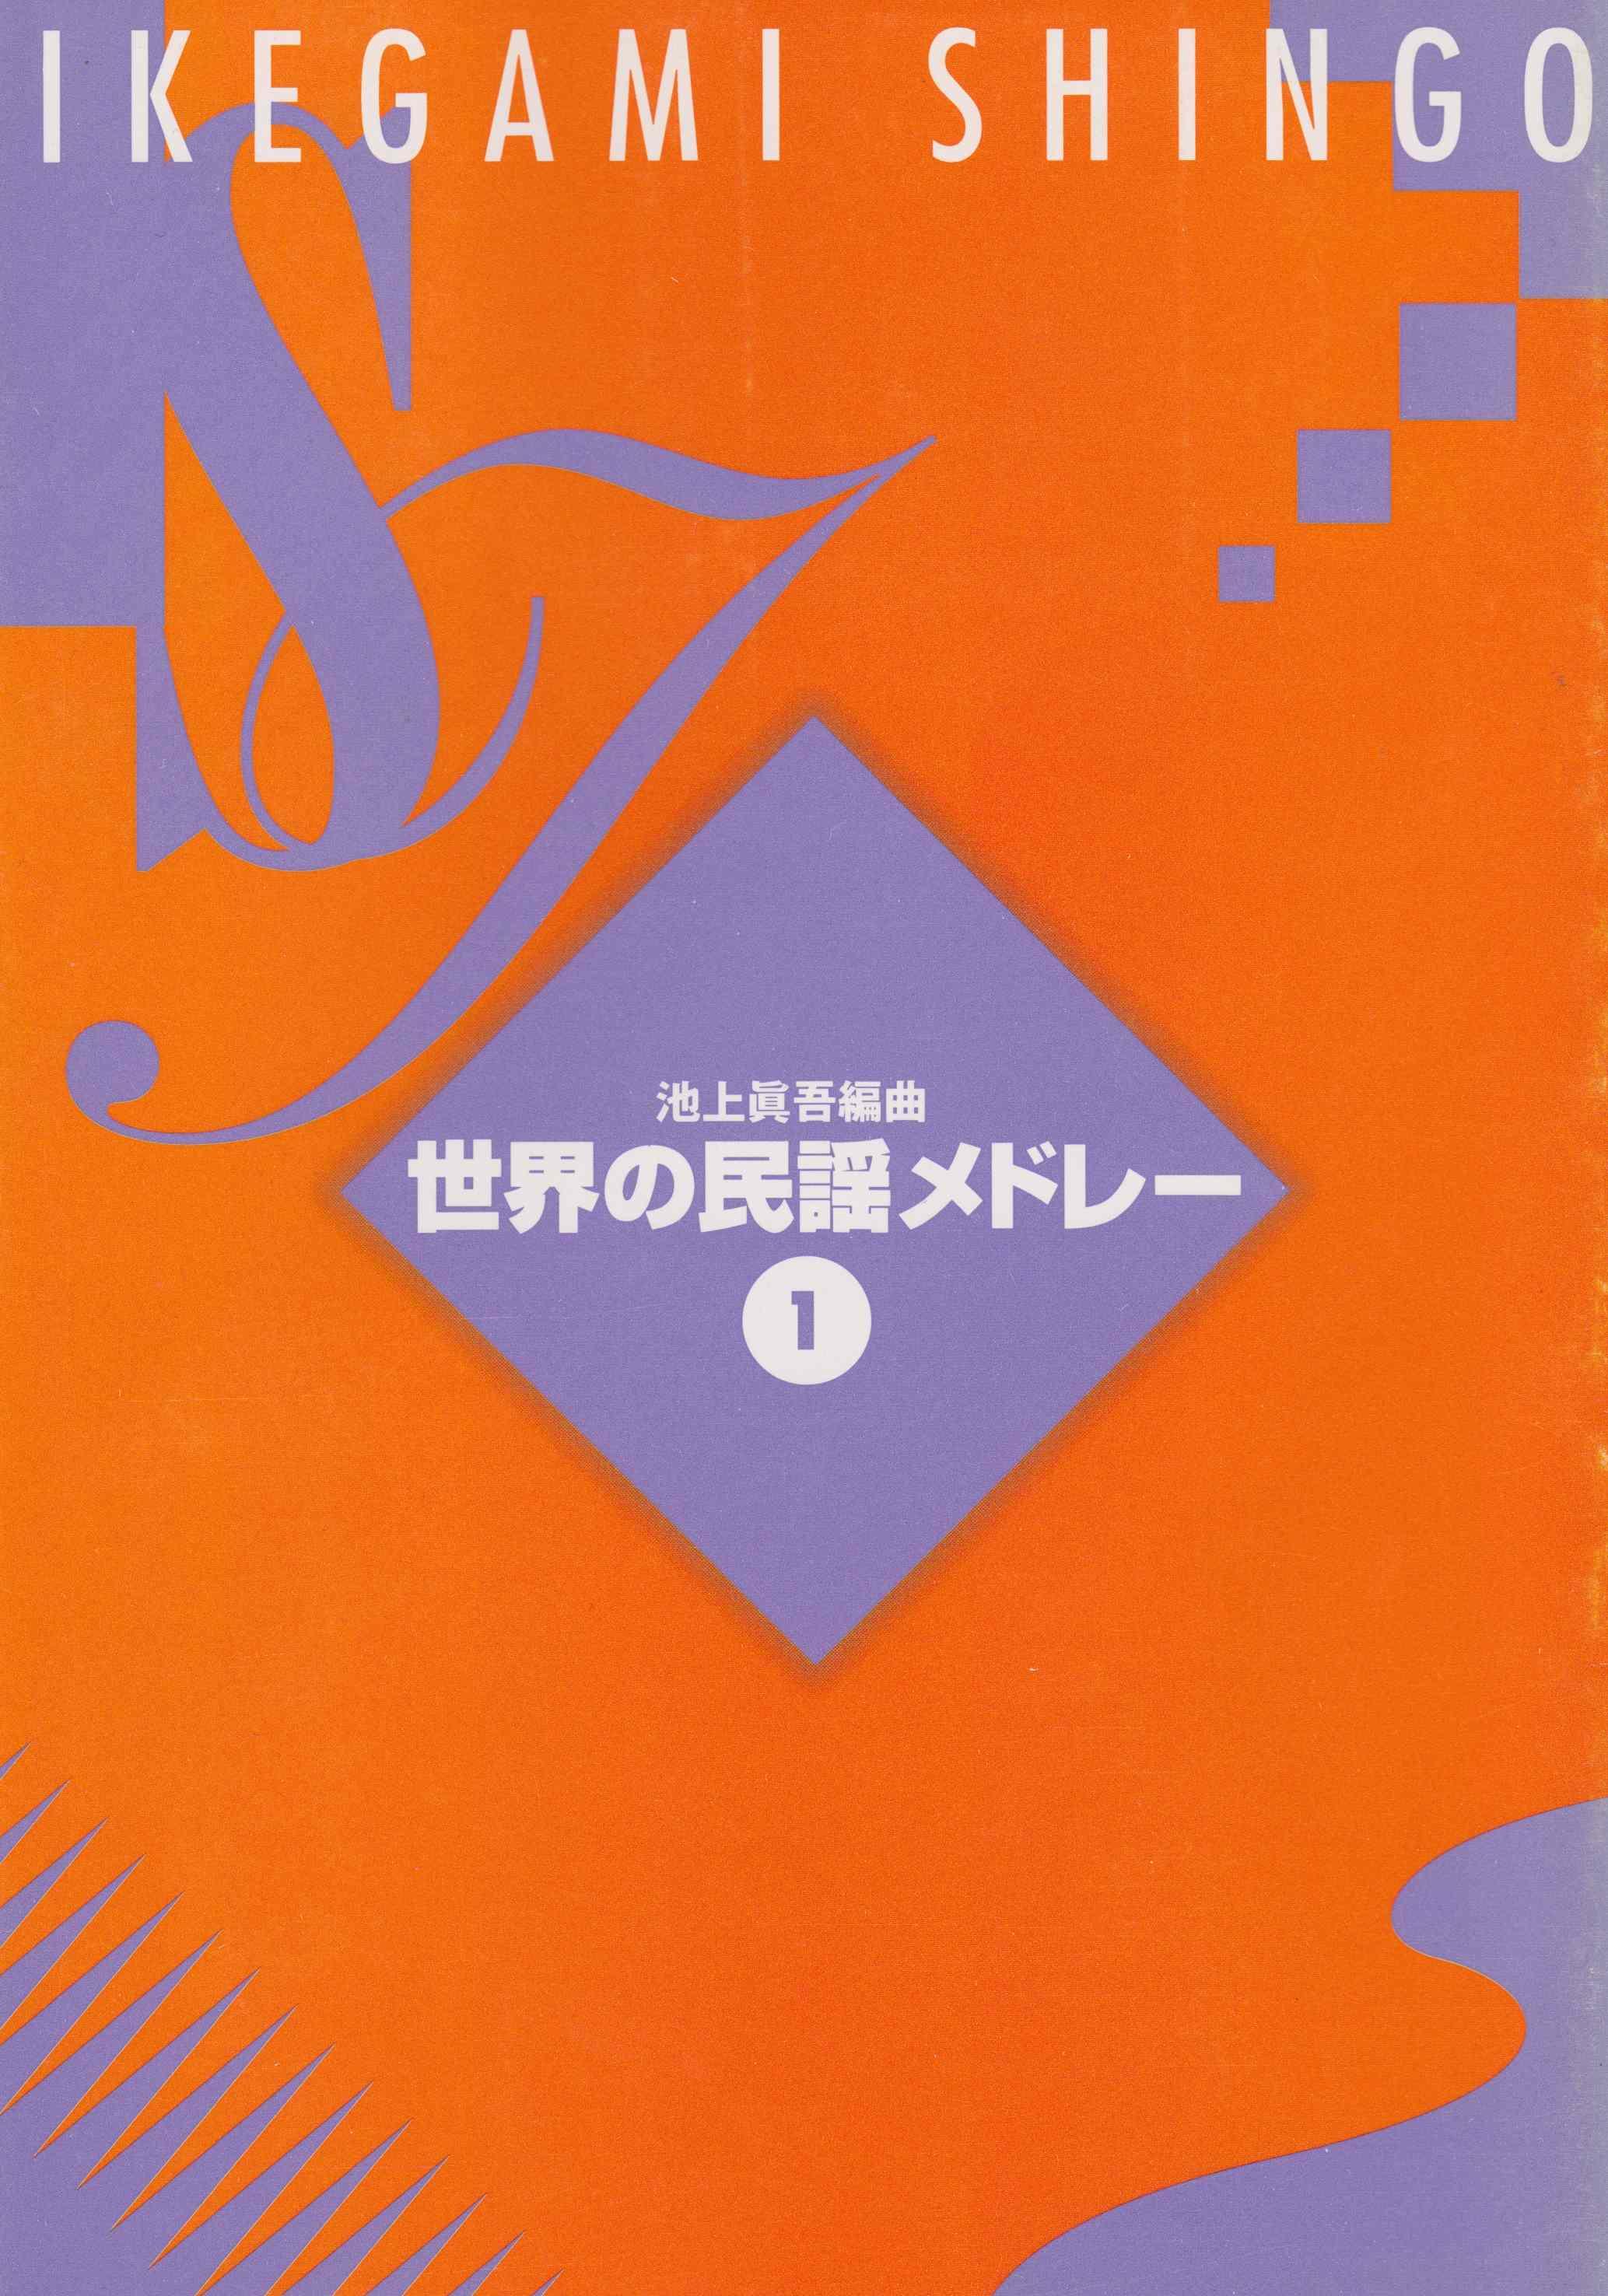 世界の民謡メドレー1(箏譜+CD)[5022-1]